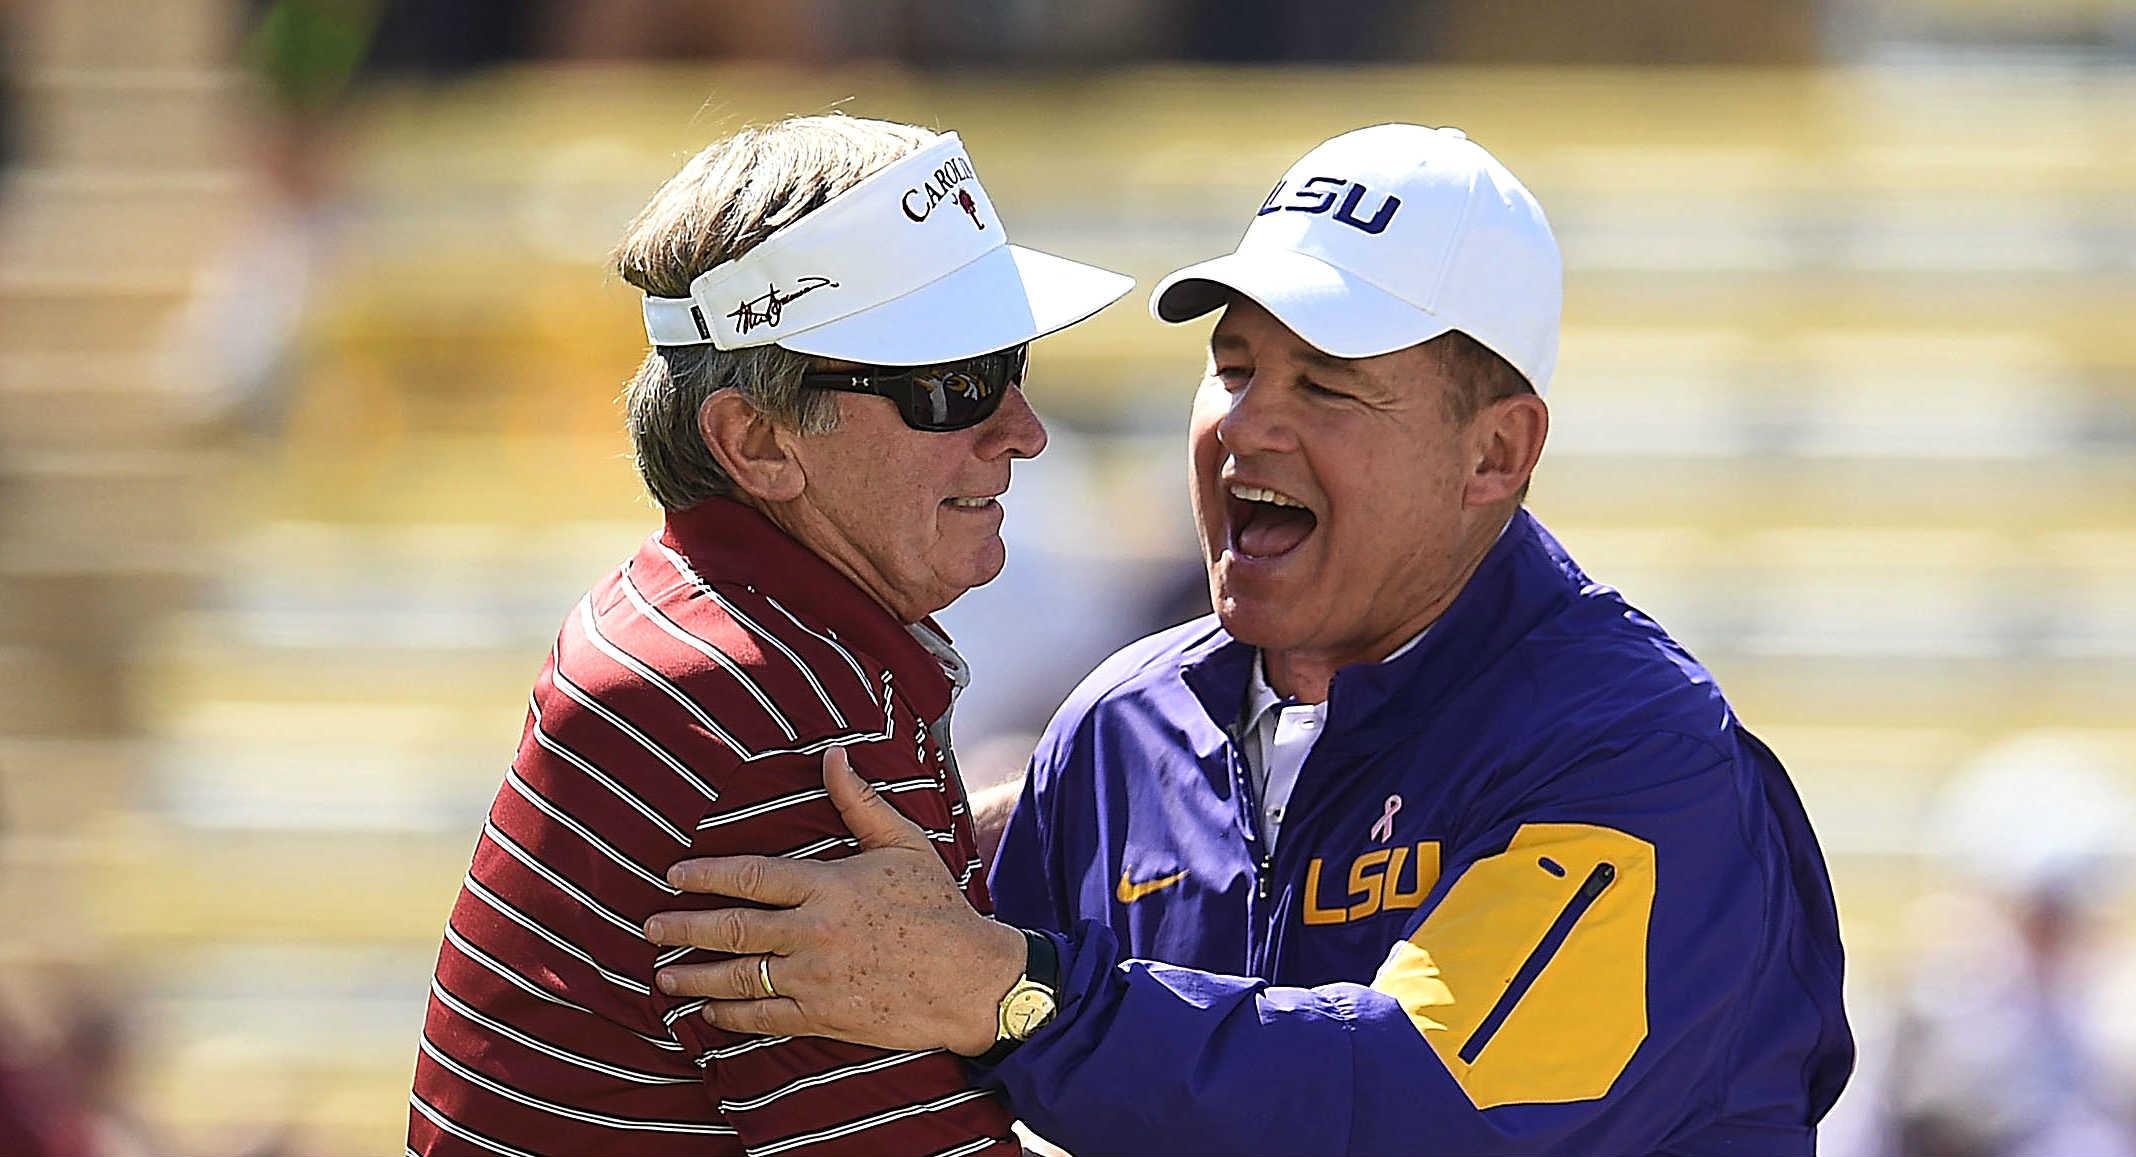 Steve Spurrier tells Les Miles he'll eat grass if LSU beats Florida